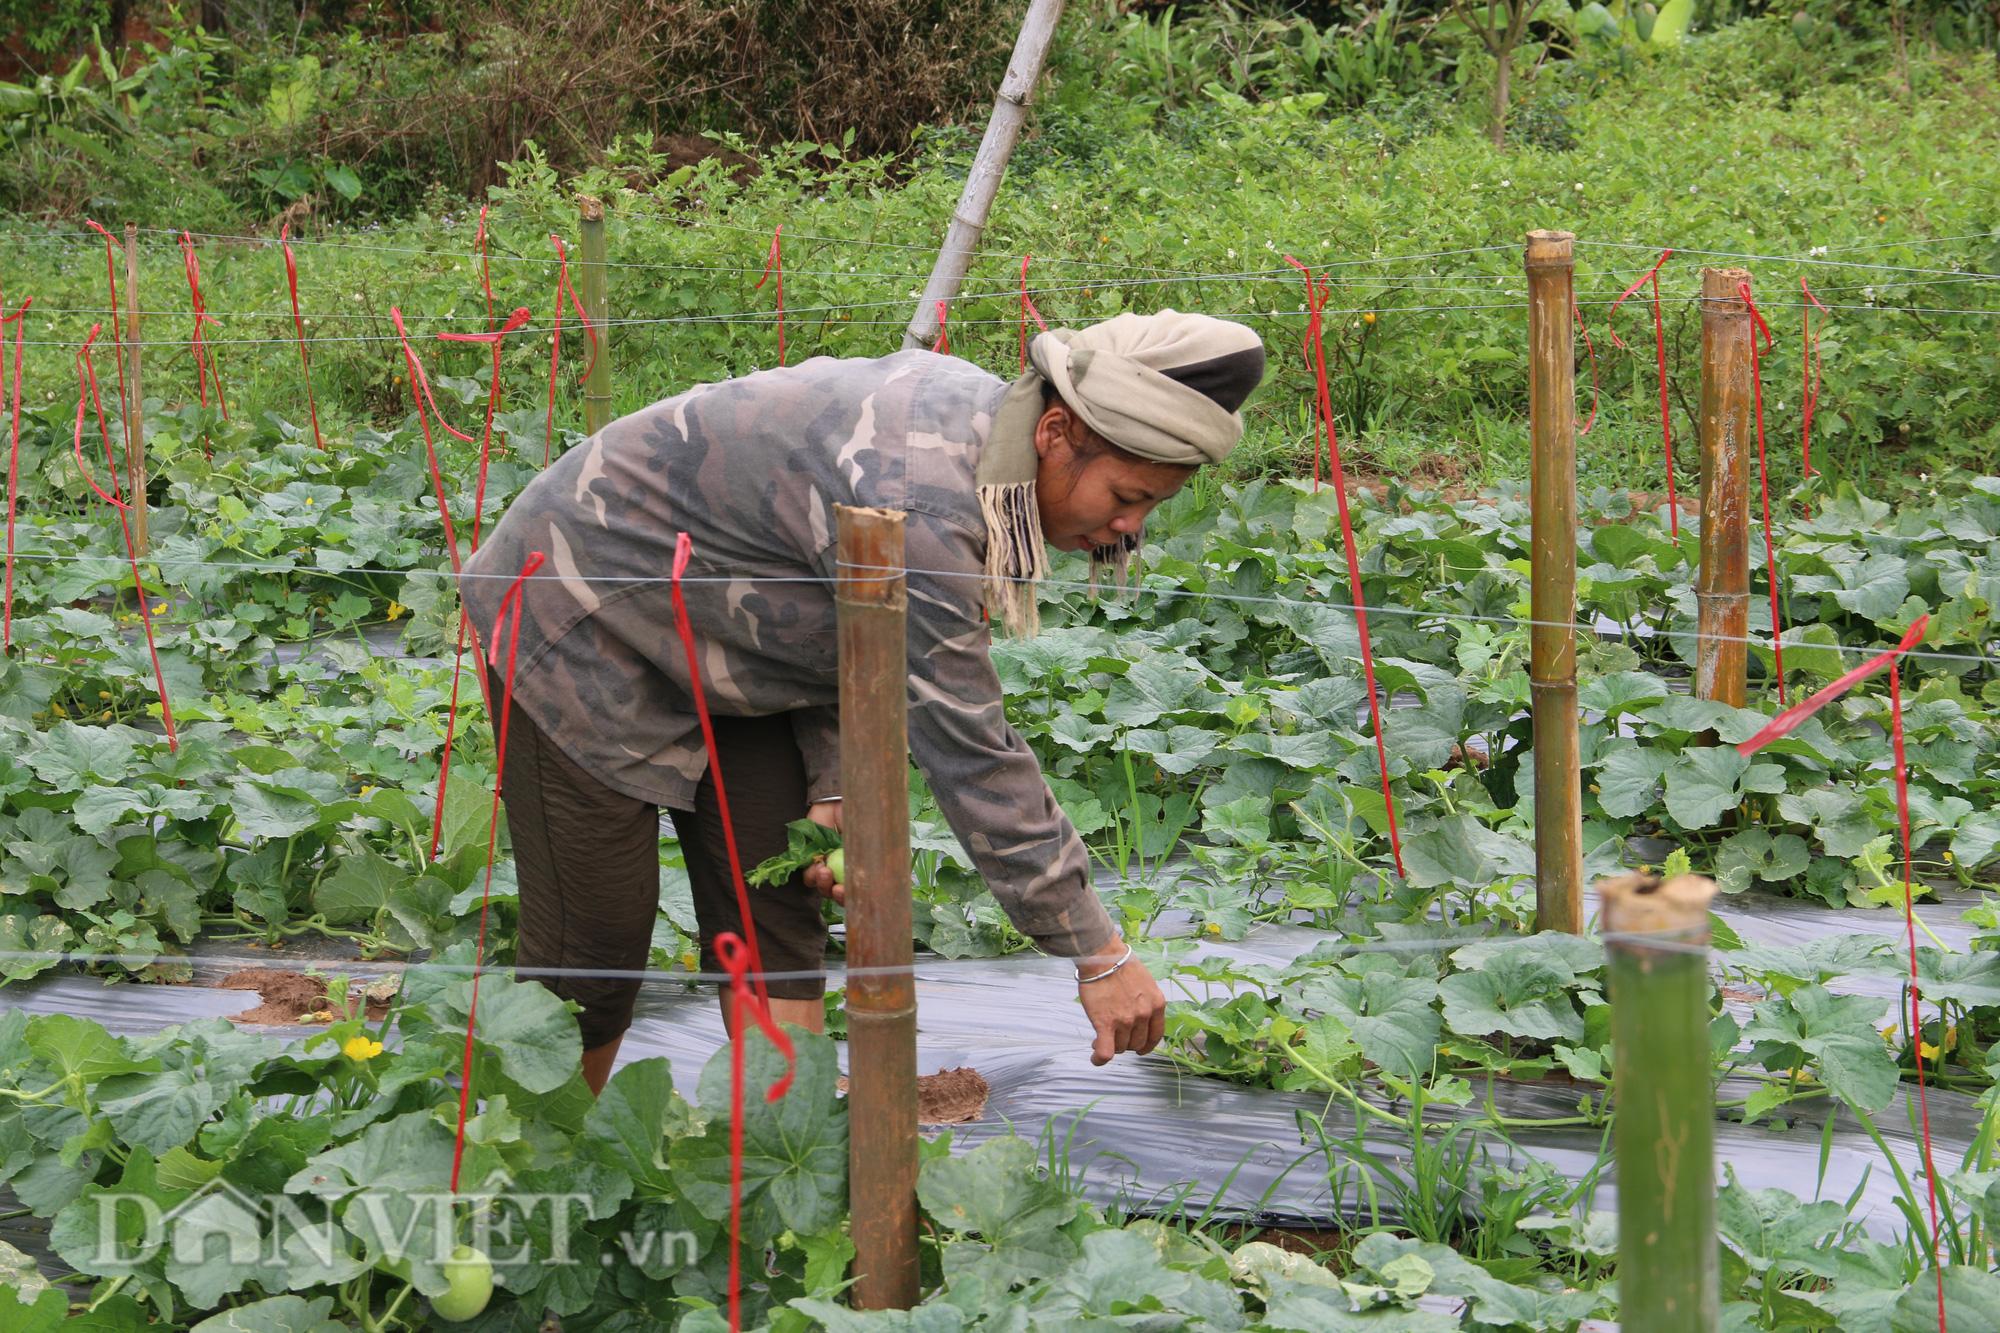 Trồng dưa lê siêu ngọt, nông dân kiếm tiền dễ ợt - Ảnh 2.